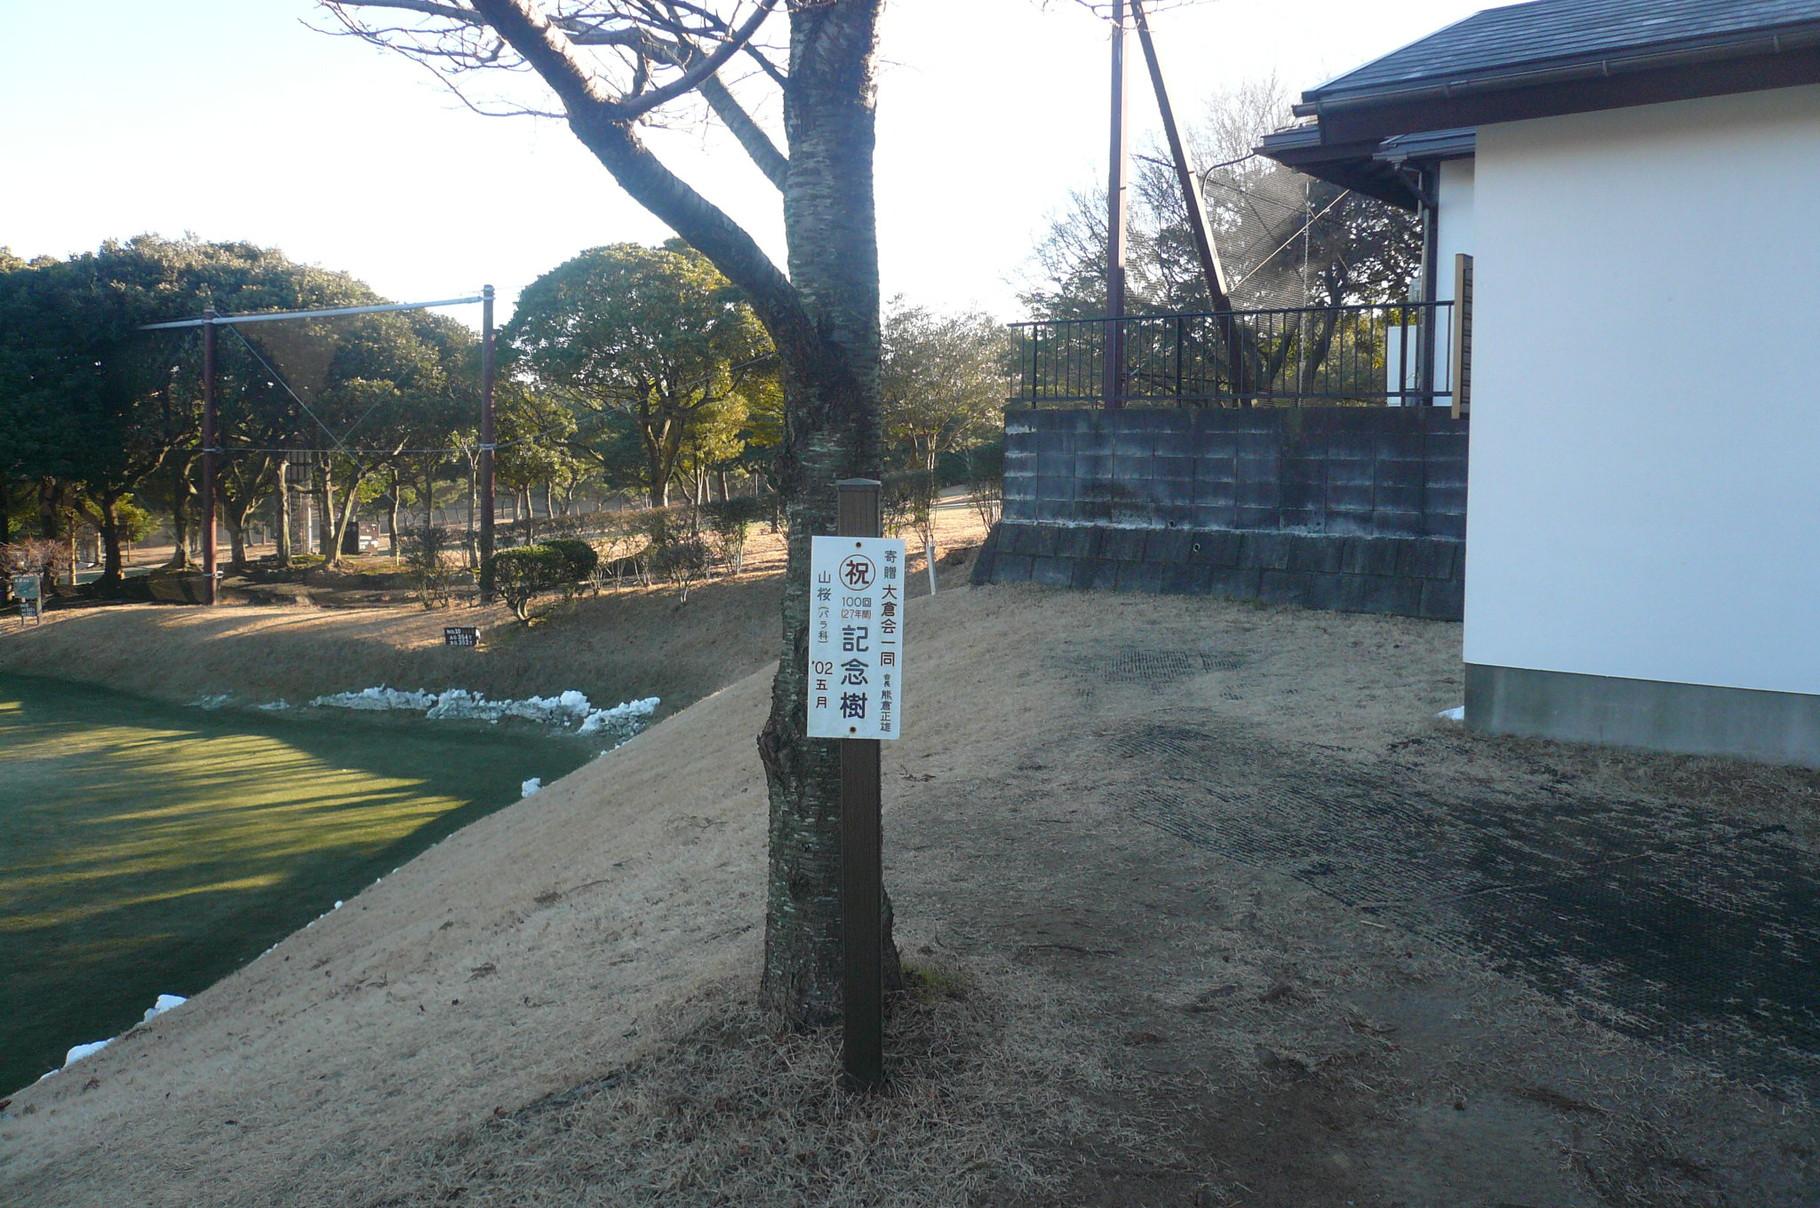 ホールインワンして記念樹植えたいですね